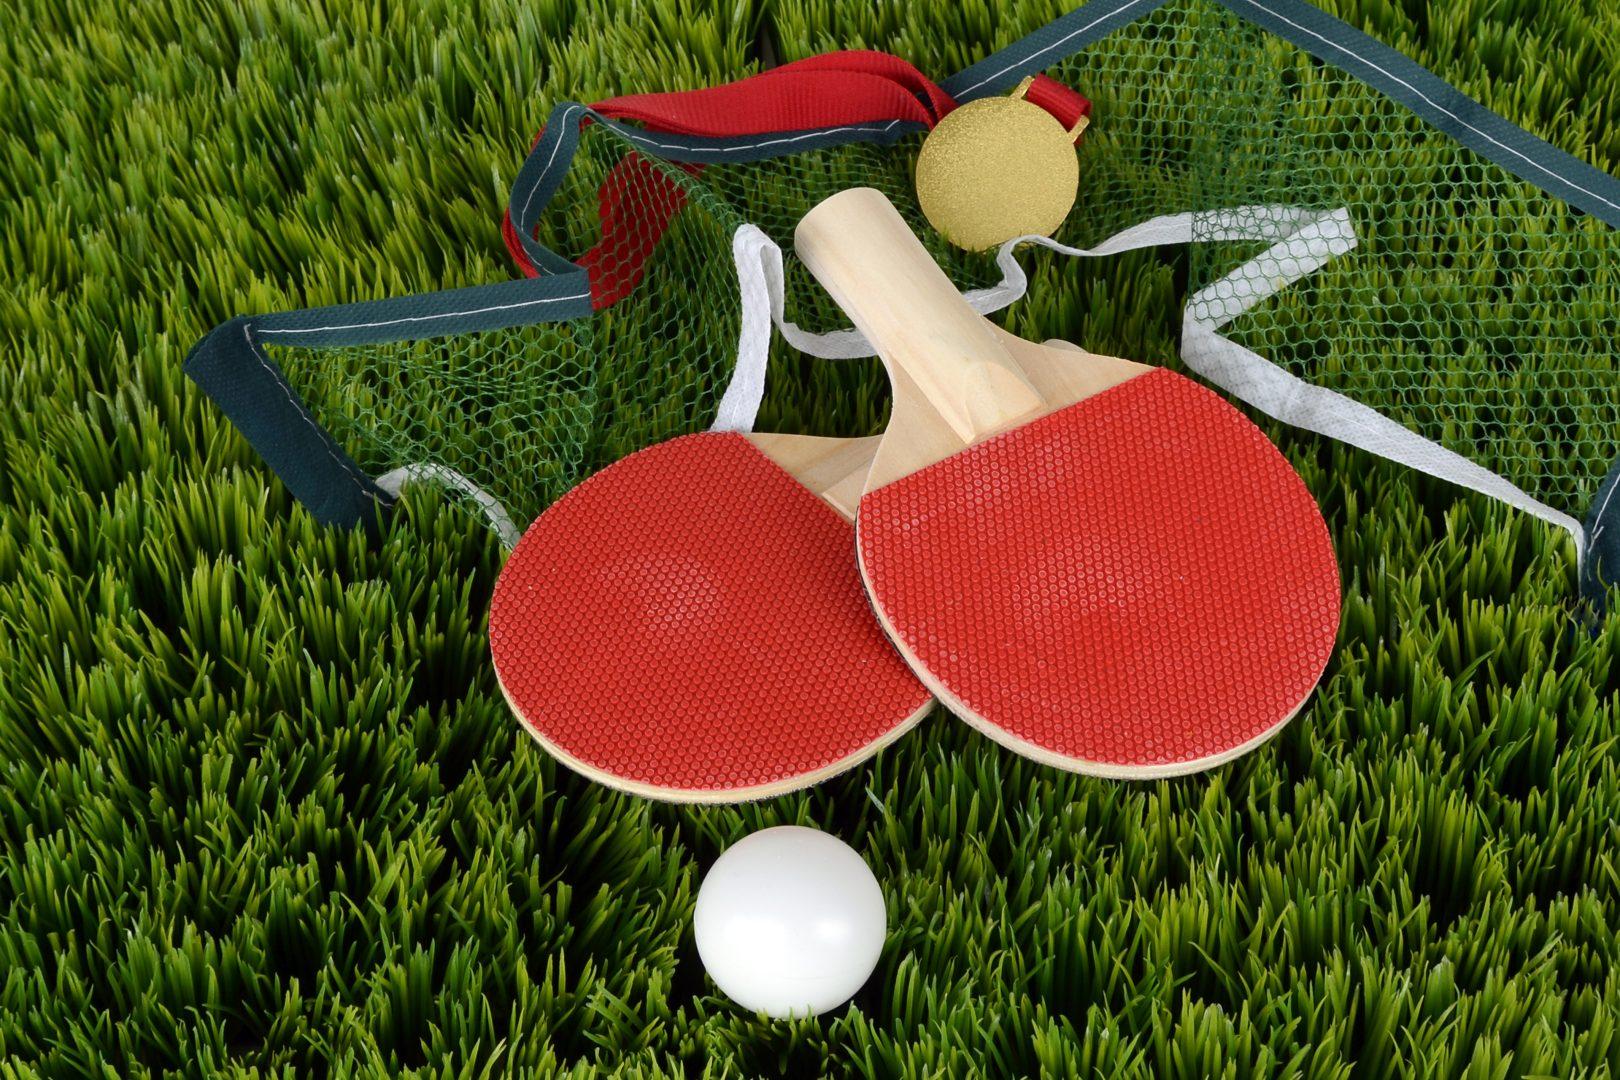 【初心者必見】卓球・ダブルスの動き方と練習方法・メニュー 右利き編|卓球基本技術レッスン